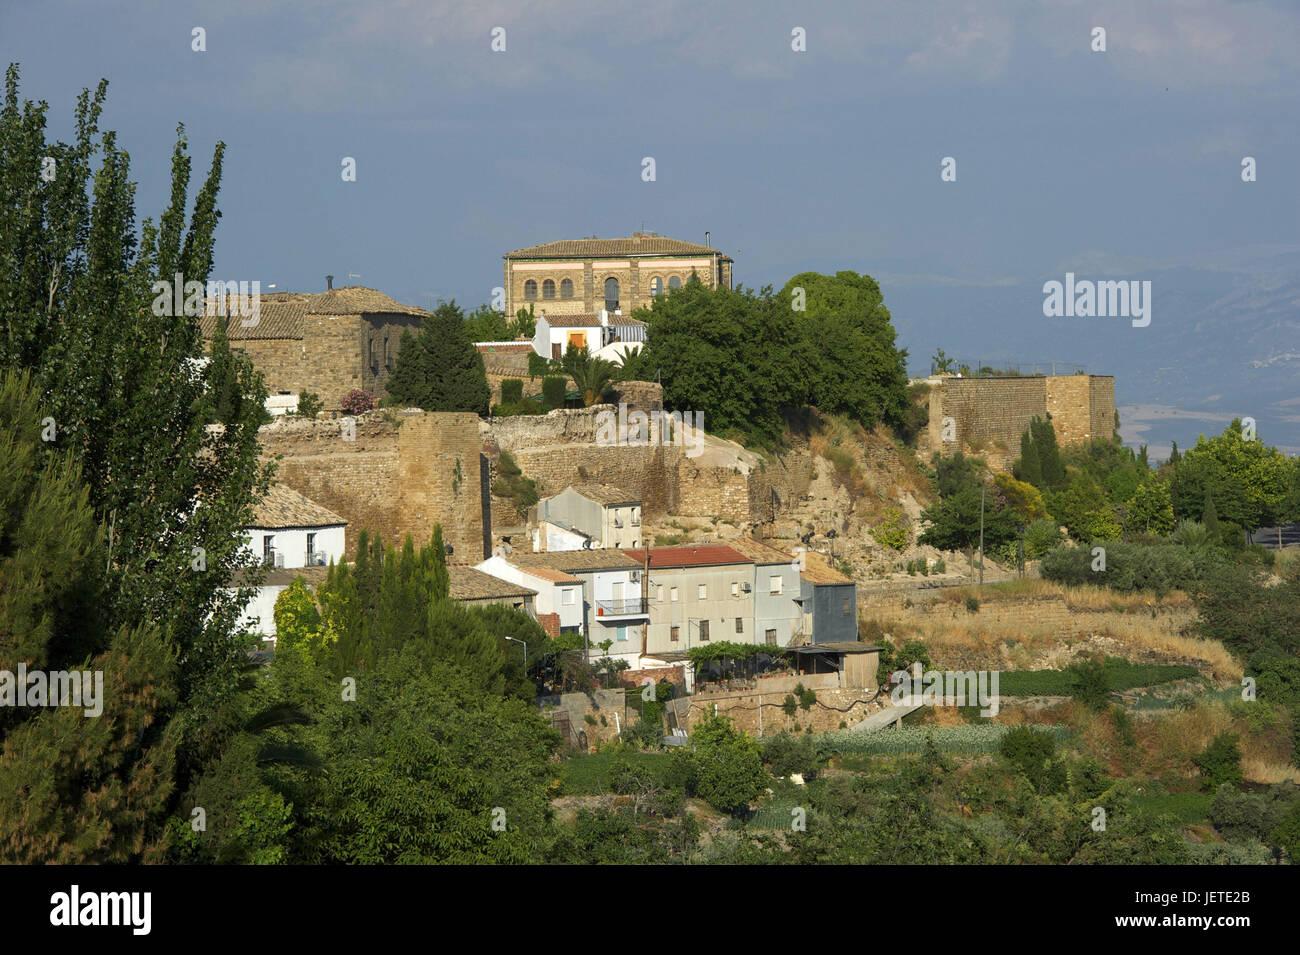 Spain, Andalusia, Ubeda, province of Jaen, Ubeda, - Stock Image